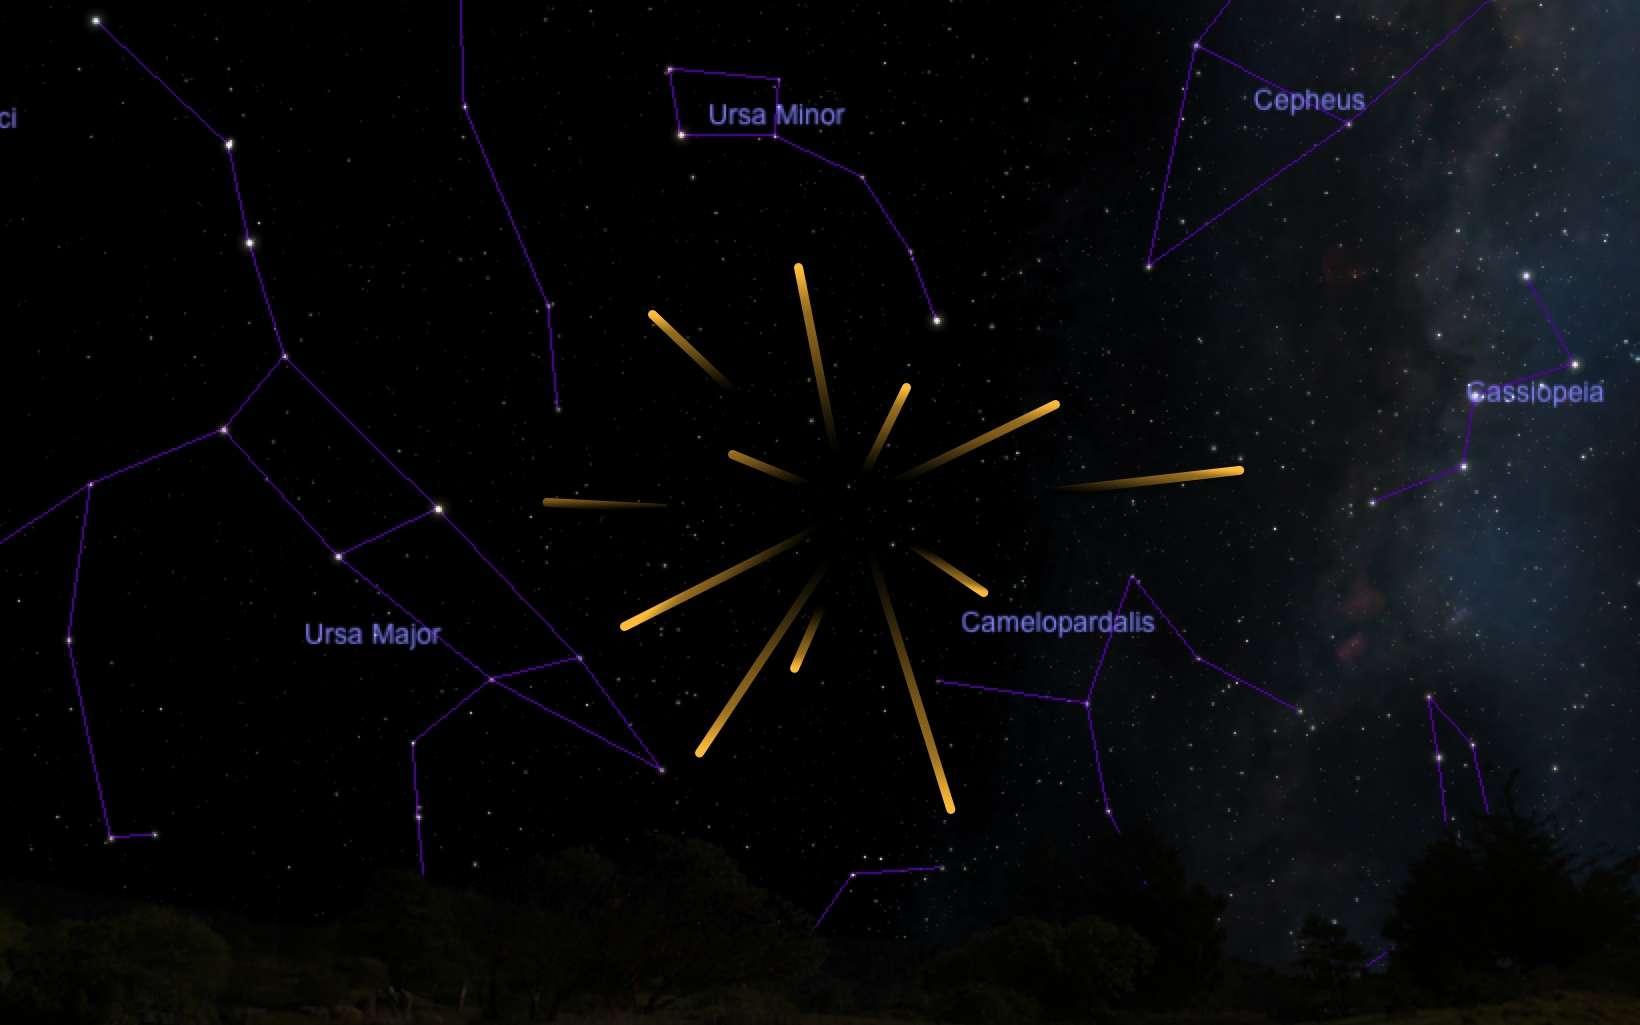 Le radiant de l'essaim météoritique des Camelopardalides se situe dans la constellation de la Girafe, non loin de l'étoile polaire (pôle nord céleste). Le pic d'activité devrait se produire le 24 mai entre 6 h et 8 h TU. Cependant, il pourrait pendre de l'avance ou manifester des pics secondaires. © Carte réalisée avec SkySafari.